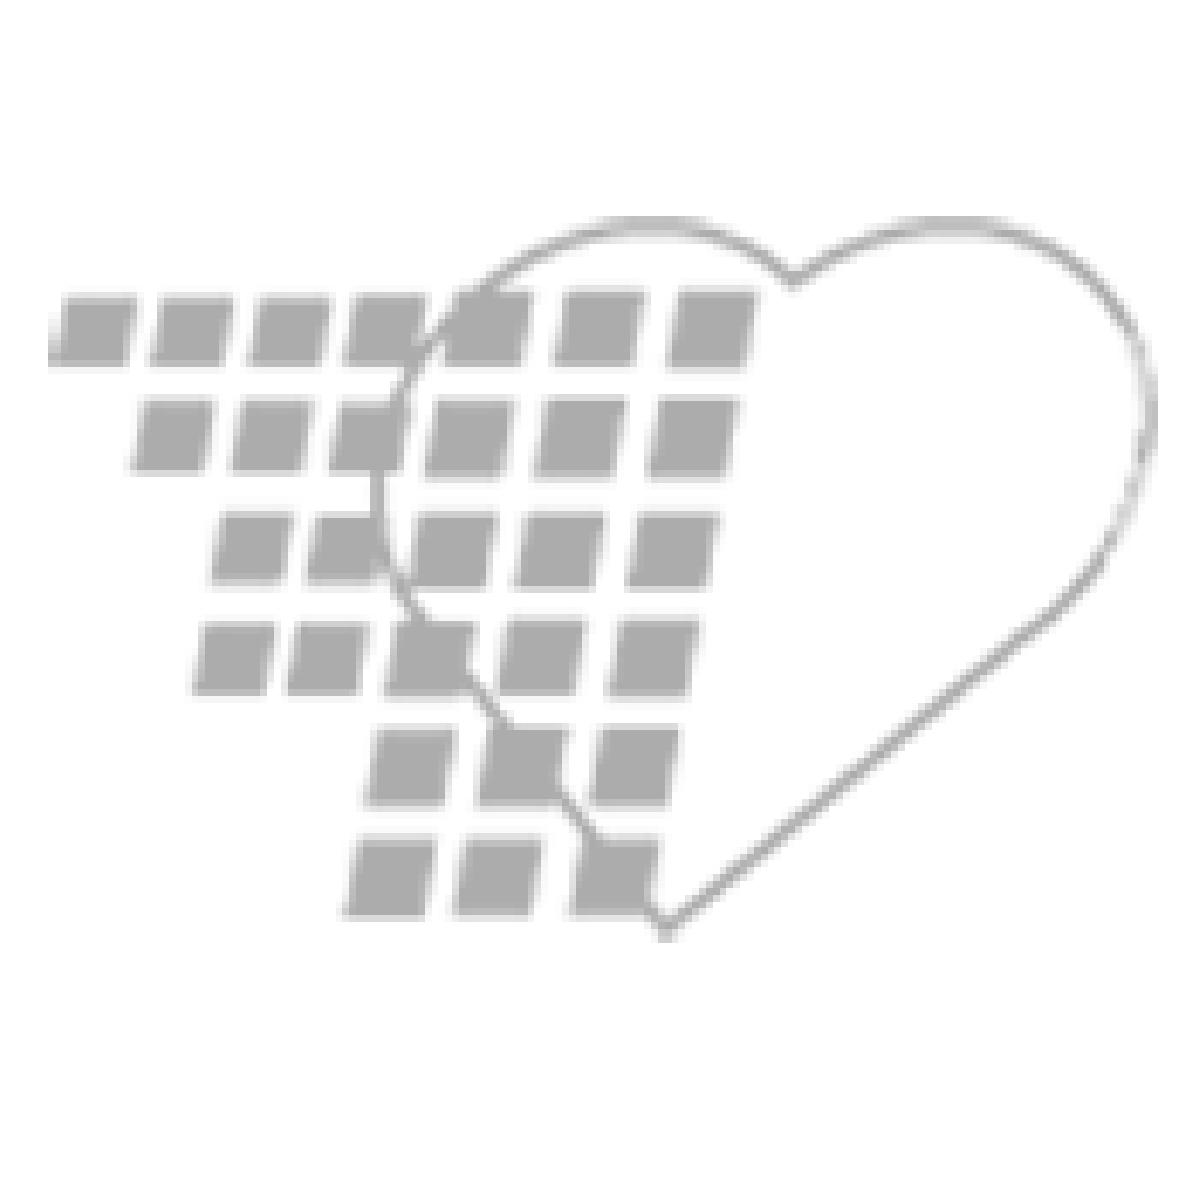 06-93-6929 - Demo Dose® Diazepm Valim 5 mg mL 2 mL